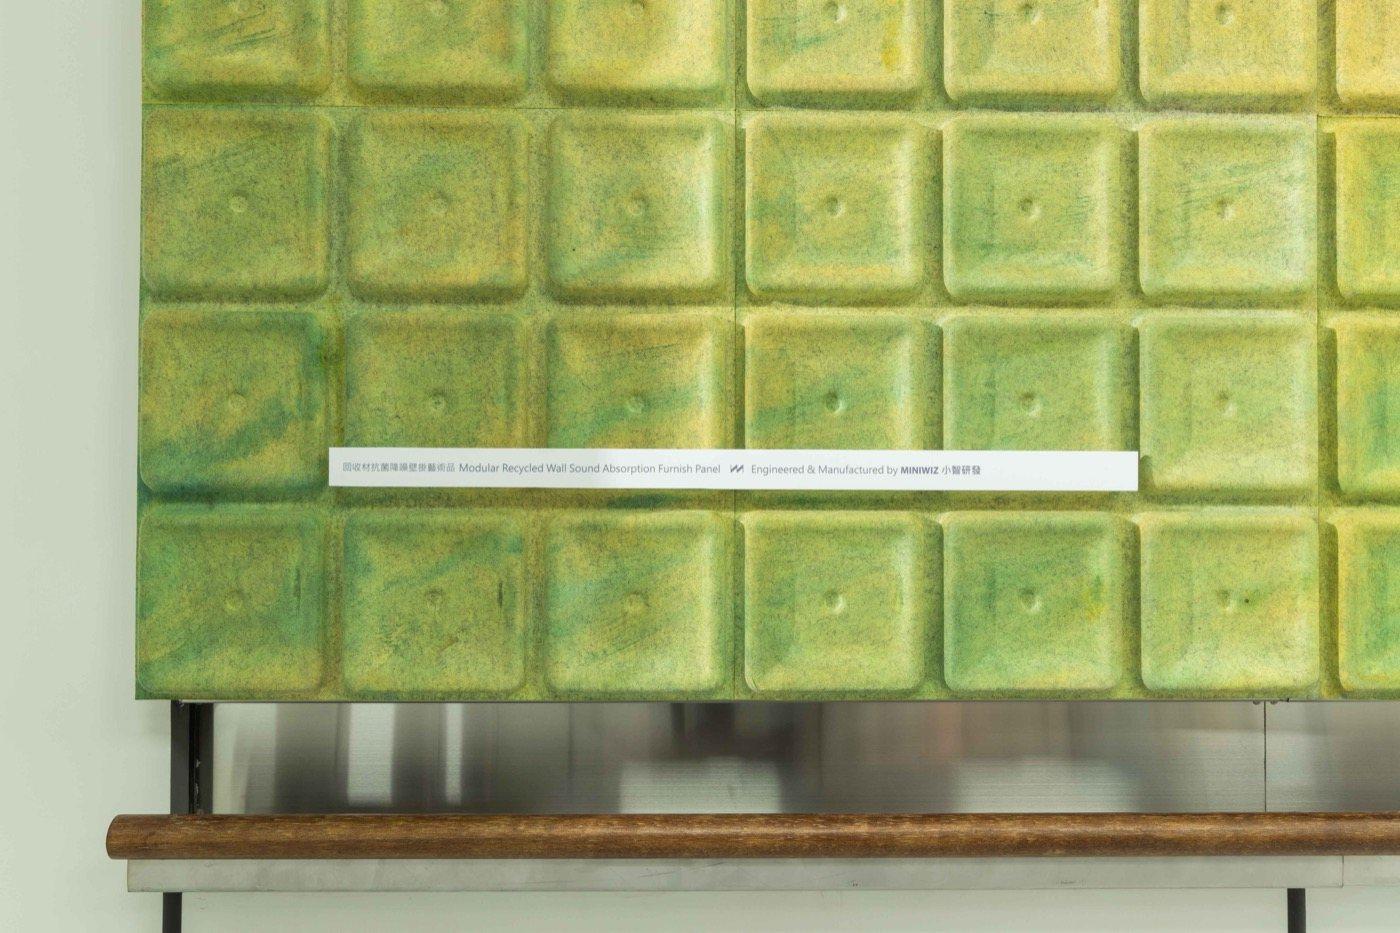 藝術牆面的黃綠色漸層作品,以天主教「聖賀德嘉療癒意象」為圖像,並使用可回收材質建造,突破過去吸音牆容易藏污納垢的缺點,可快速拆換、方便消毒。